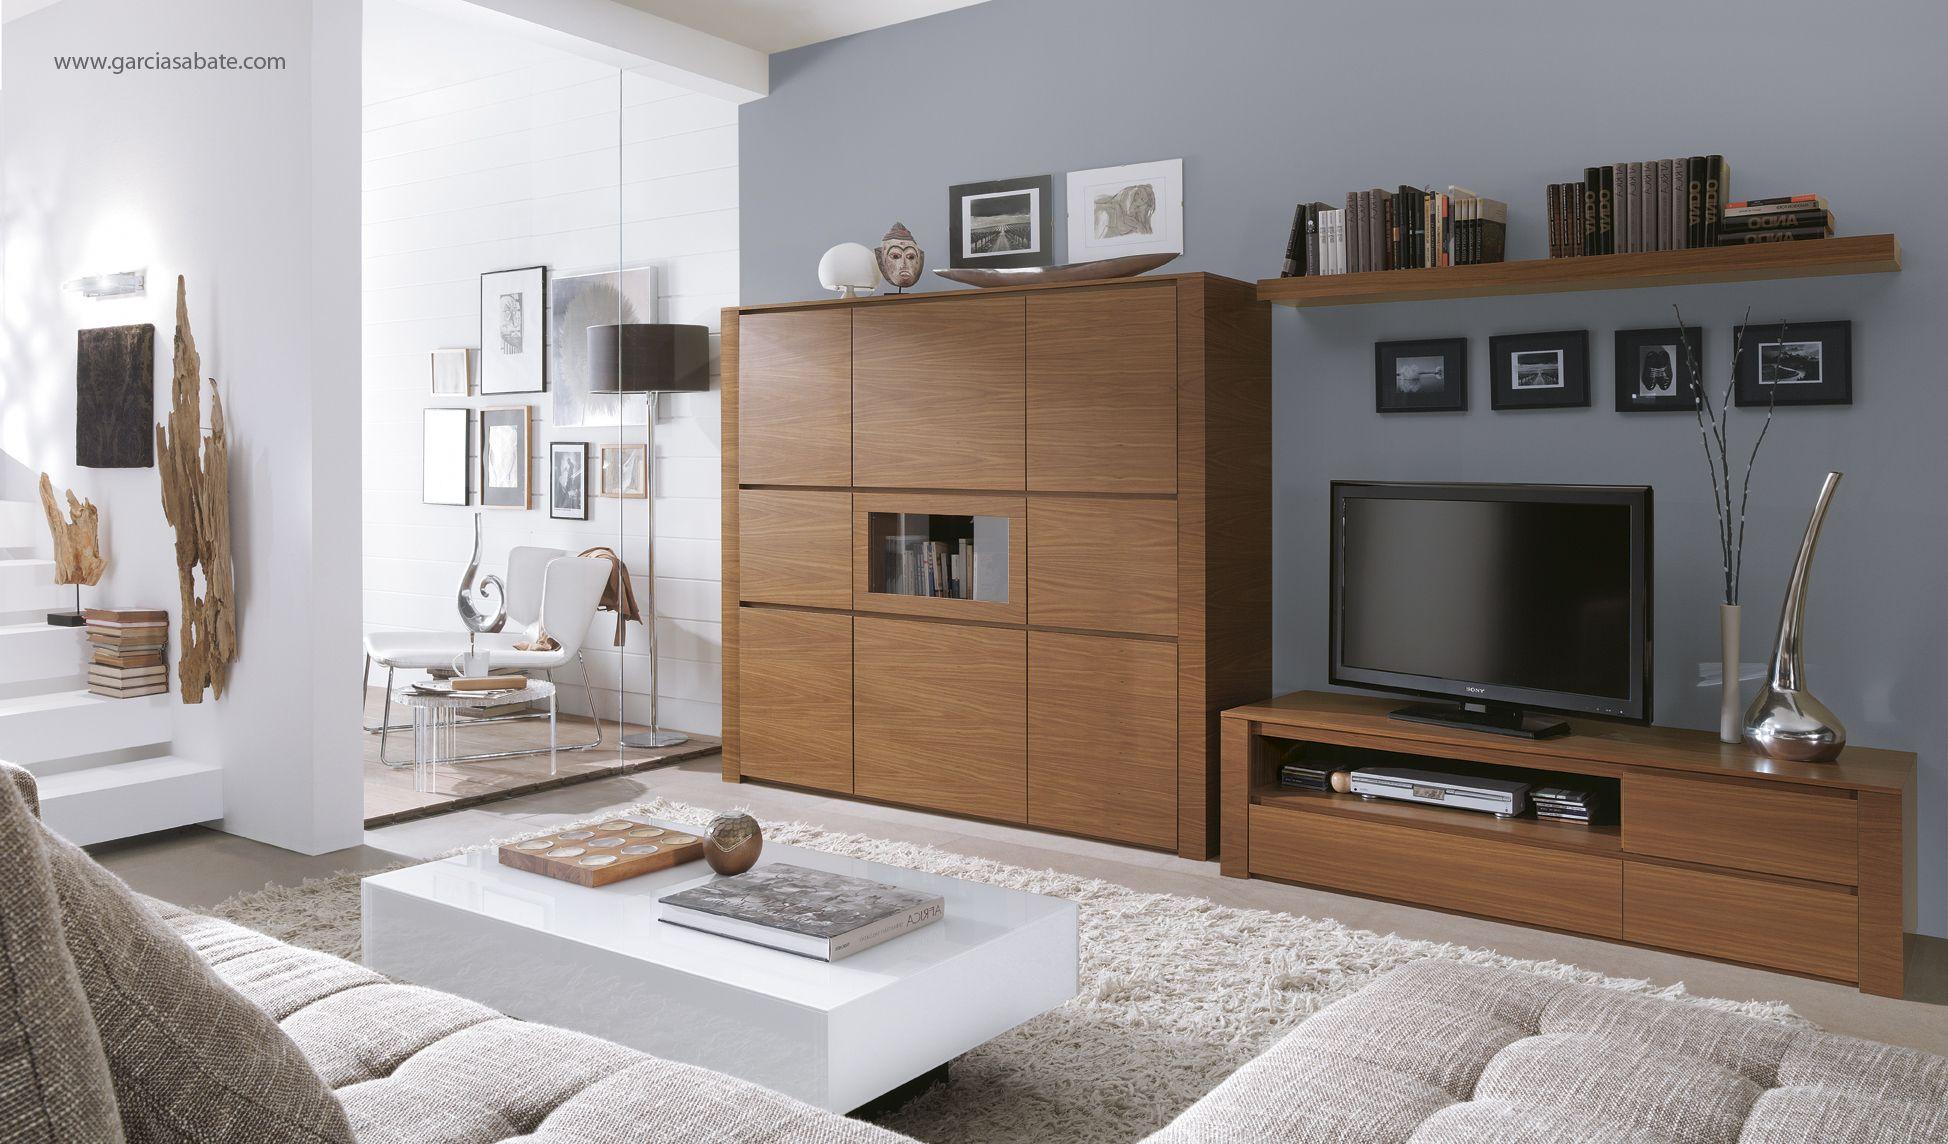 Muebles que combinan con el color grafito de las paredes - Colores que combinan ...